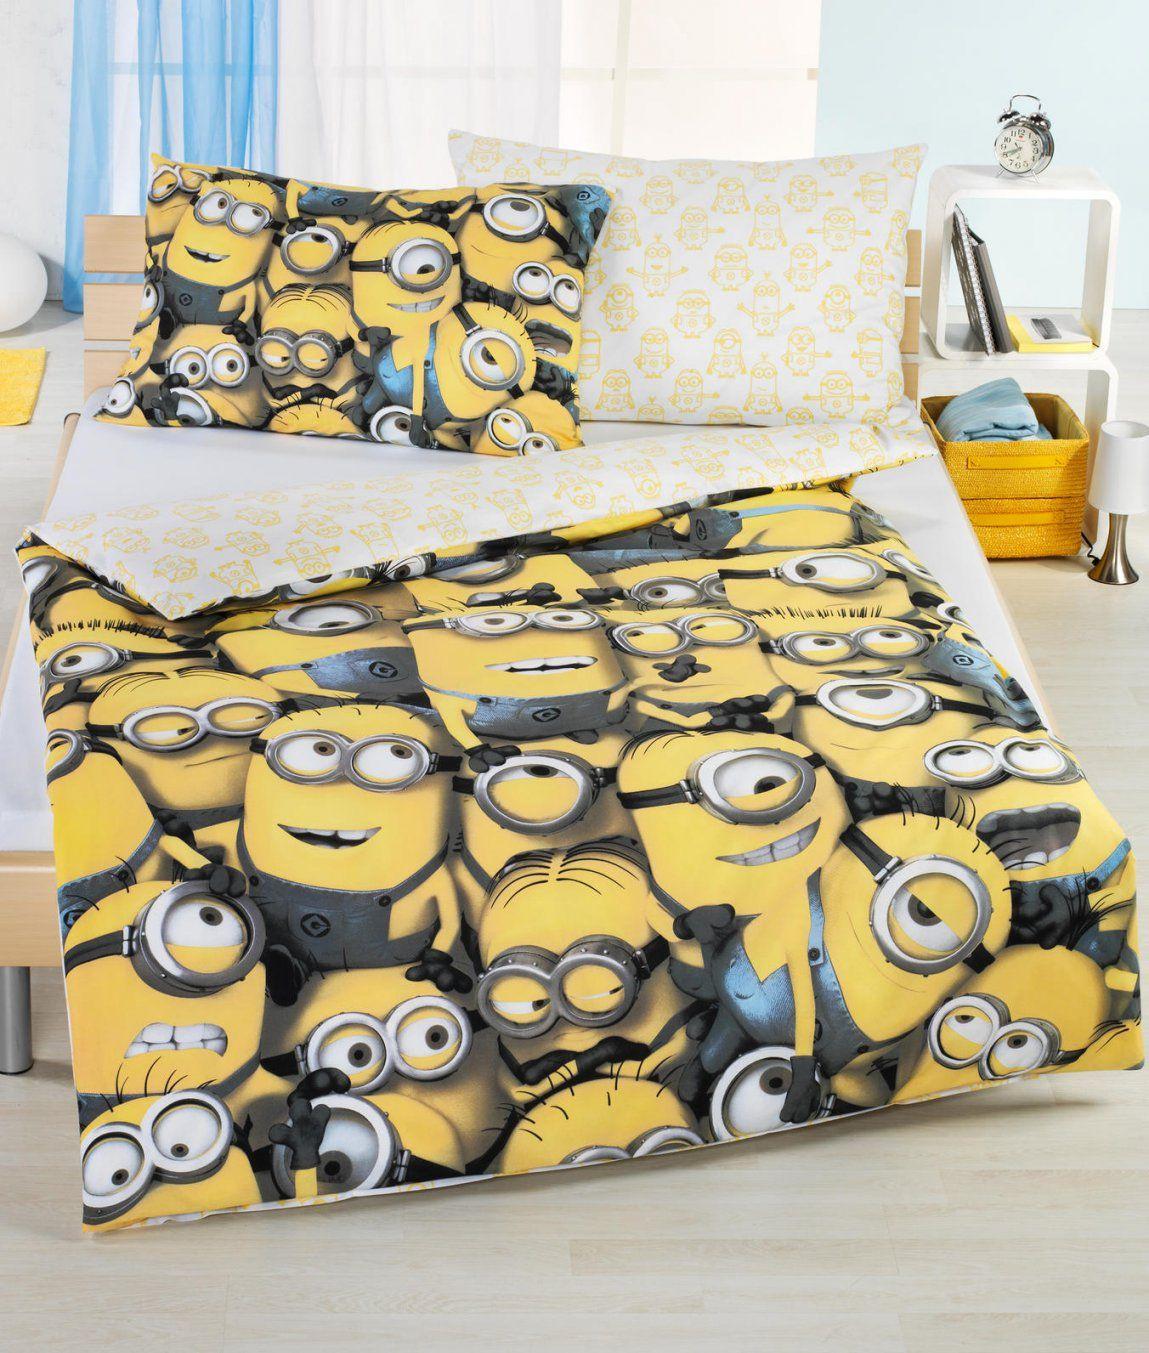 Kinderbettwäsche Garnitur Minions Kaufen  Angela Bruderer Onlineshop von Minion Bettwäsche Real Photo